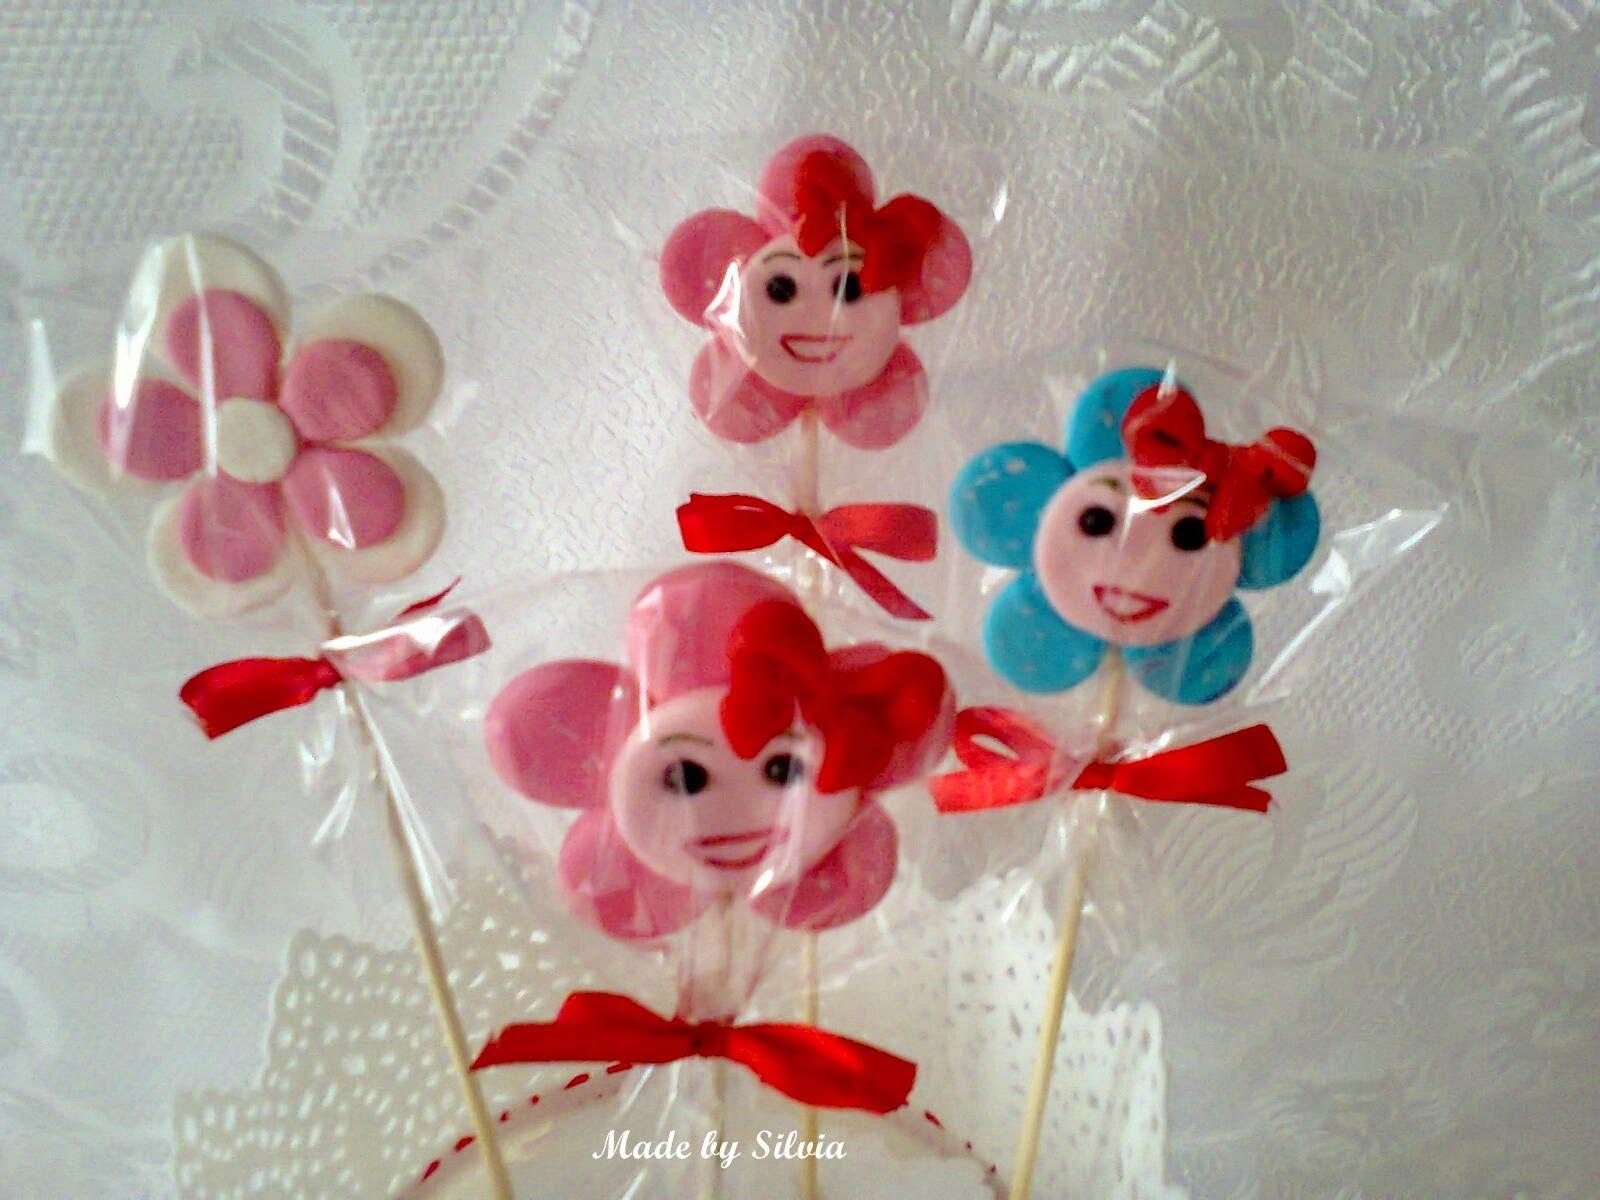 Casuta dulce: Martisoare dulci